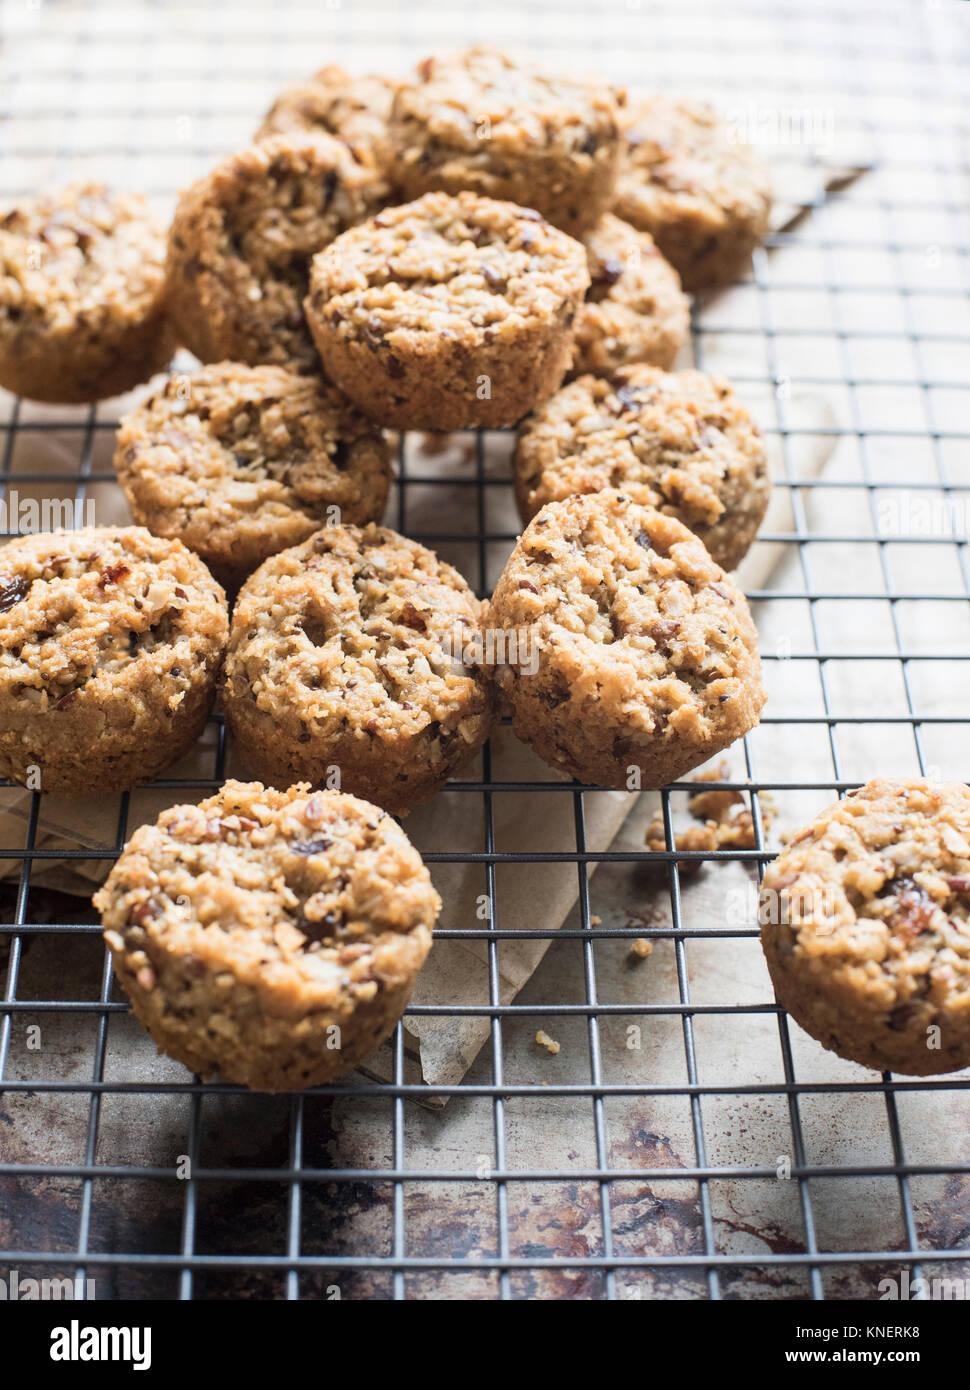 Senza glutine, multi-granella cookie sul raffreddamento per rack, close-up Immagini Stock